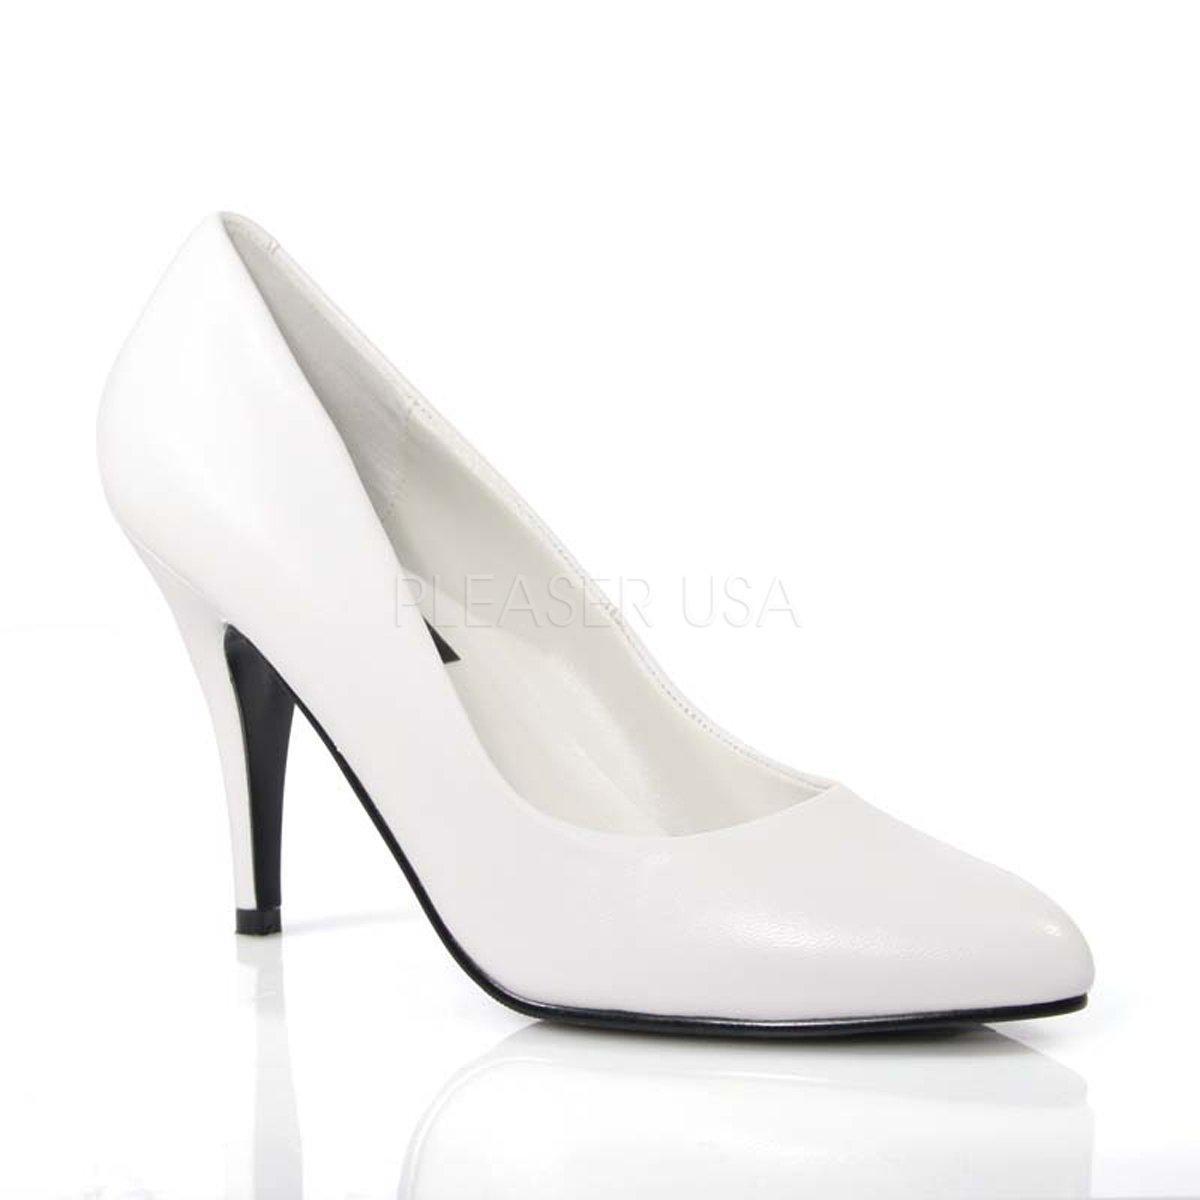 VANITY-420 Klasické bílé kožené lodičky na podpatku  71a44ee9cd